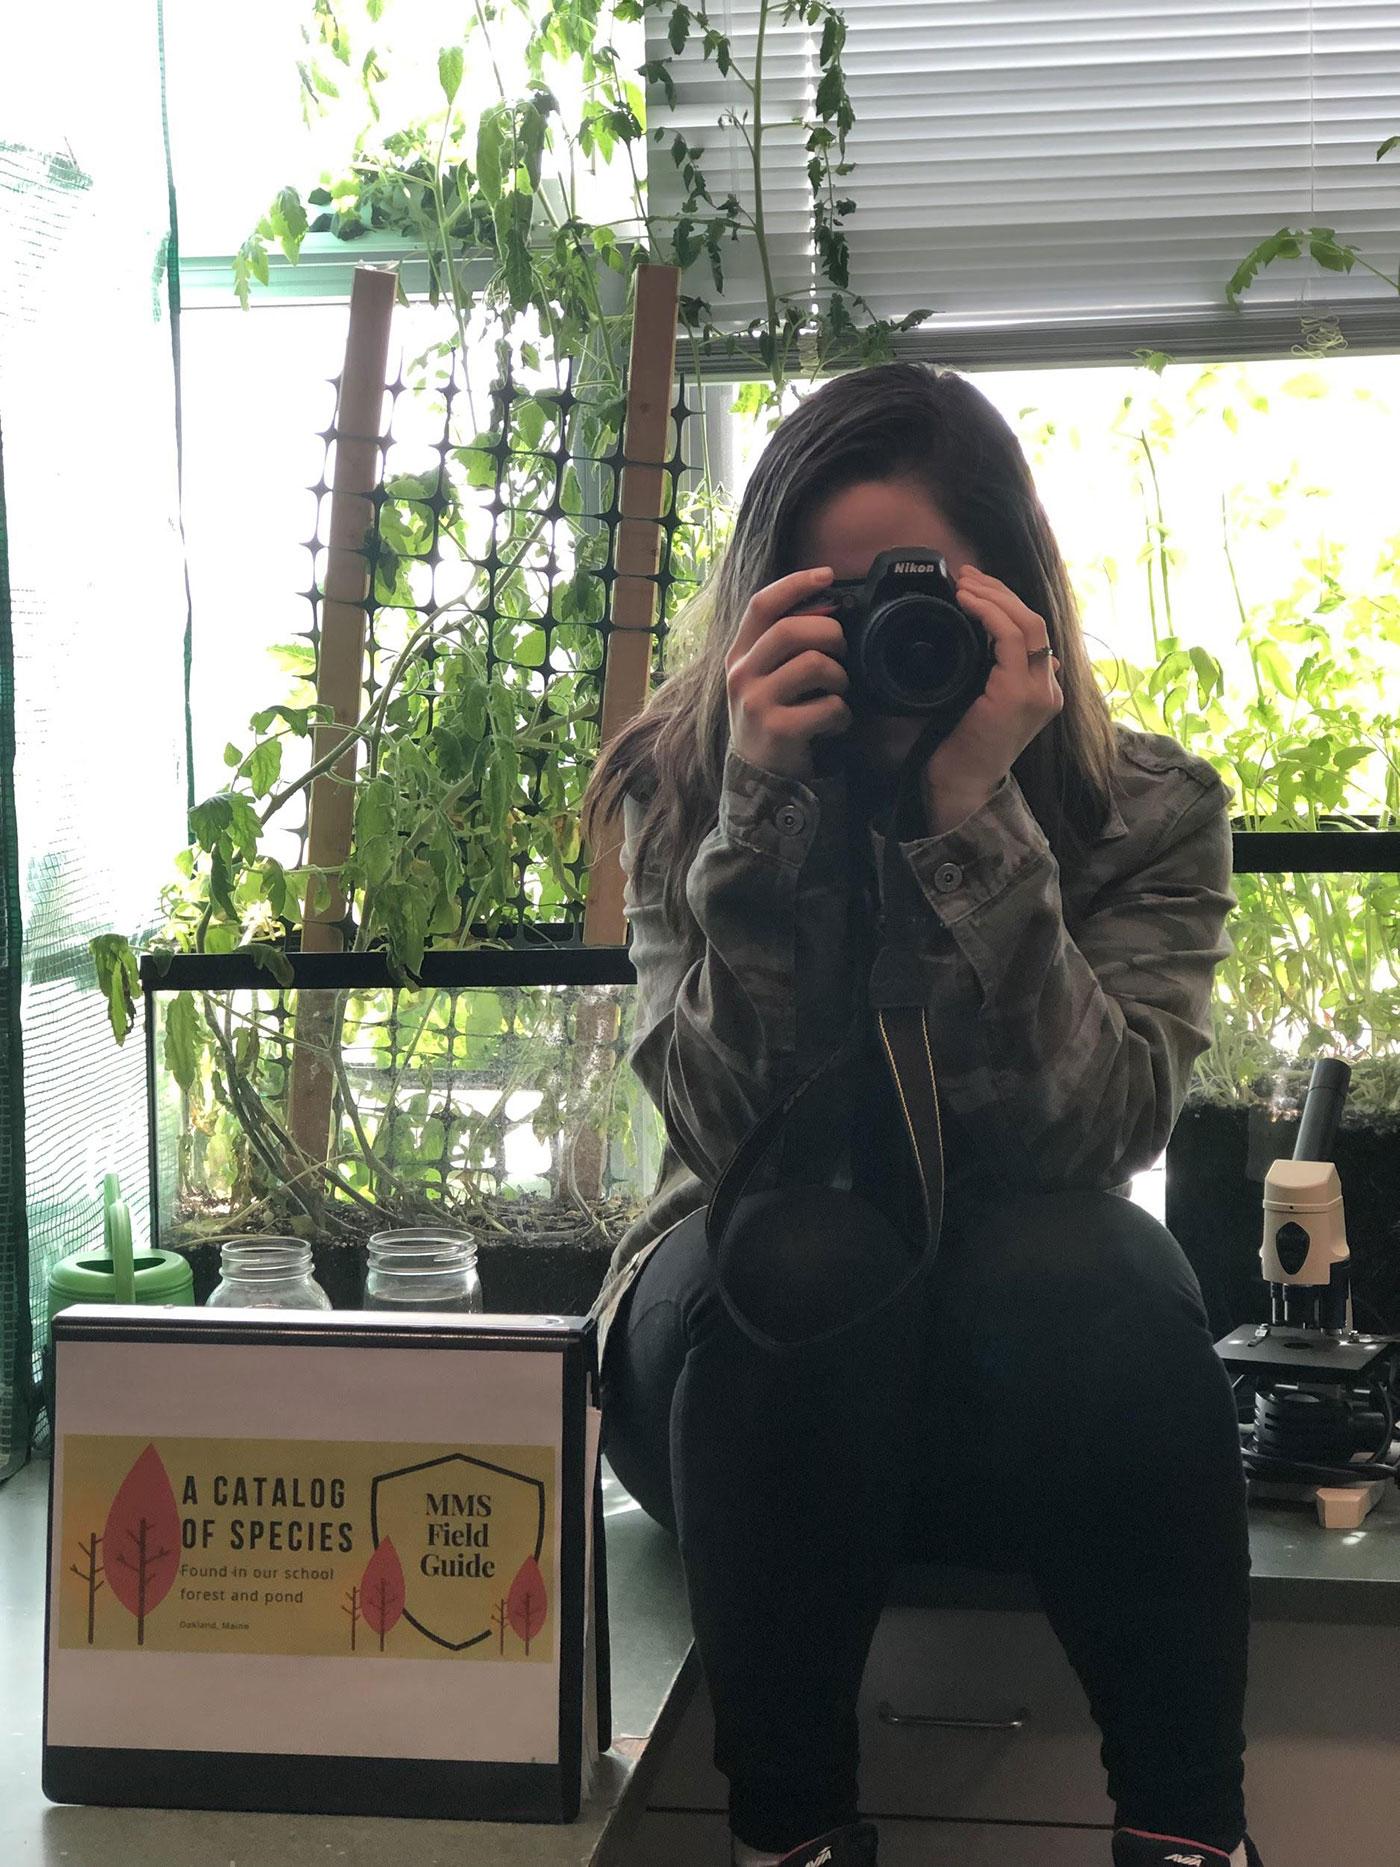 Camera at Messalonskee